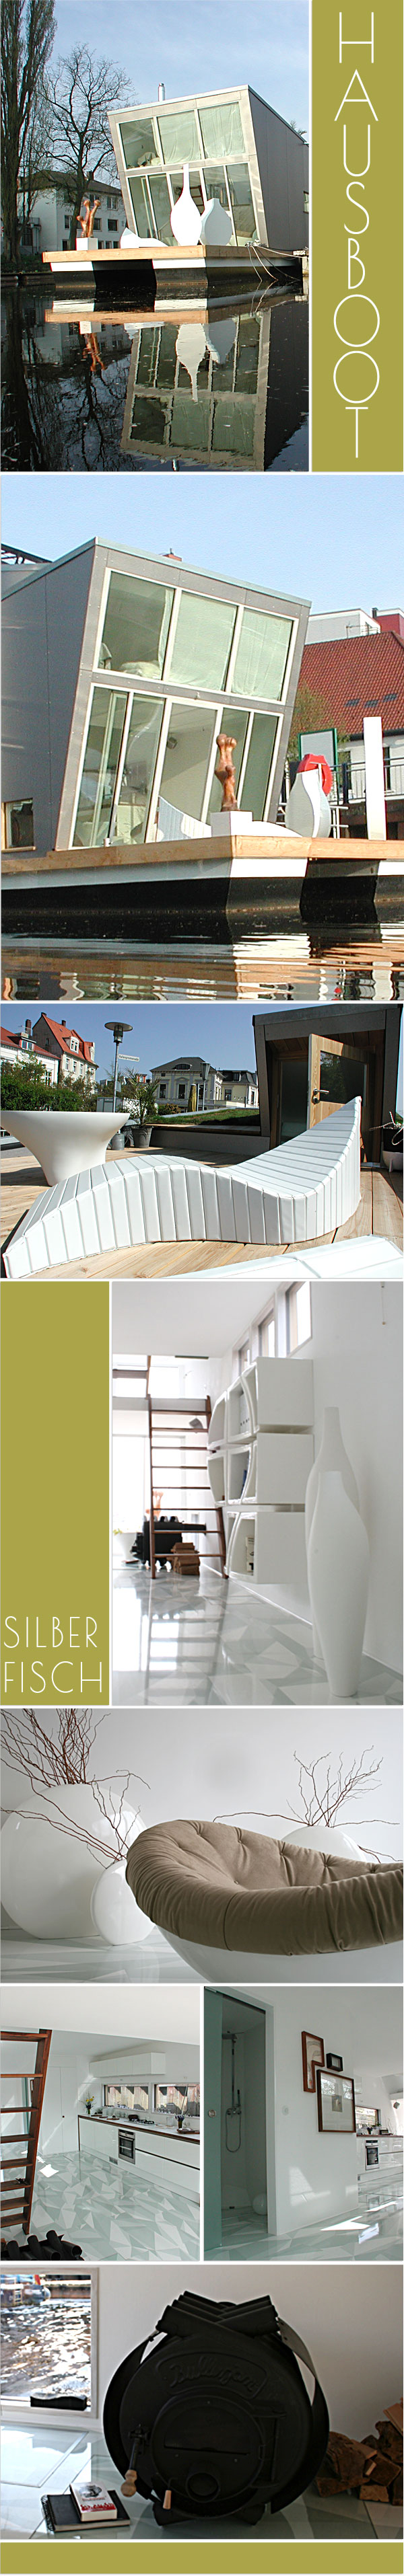 InnenAnsichten: Designer Hausboot - SILBERFISCH